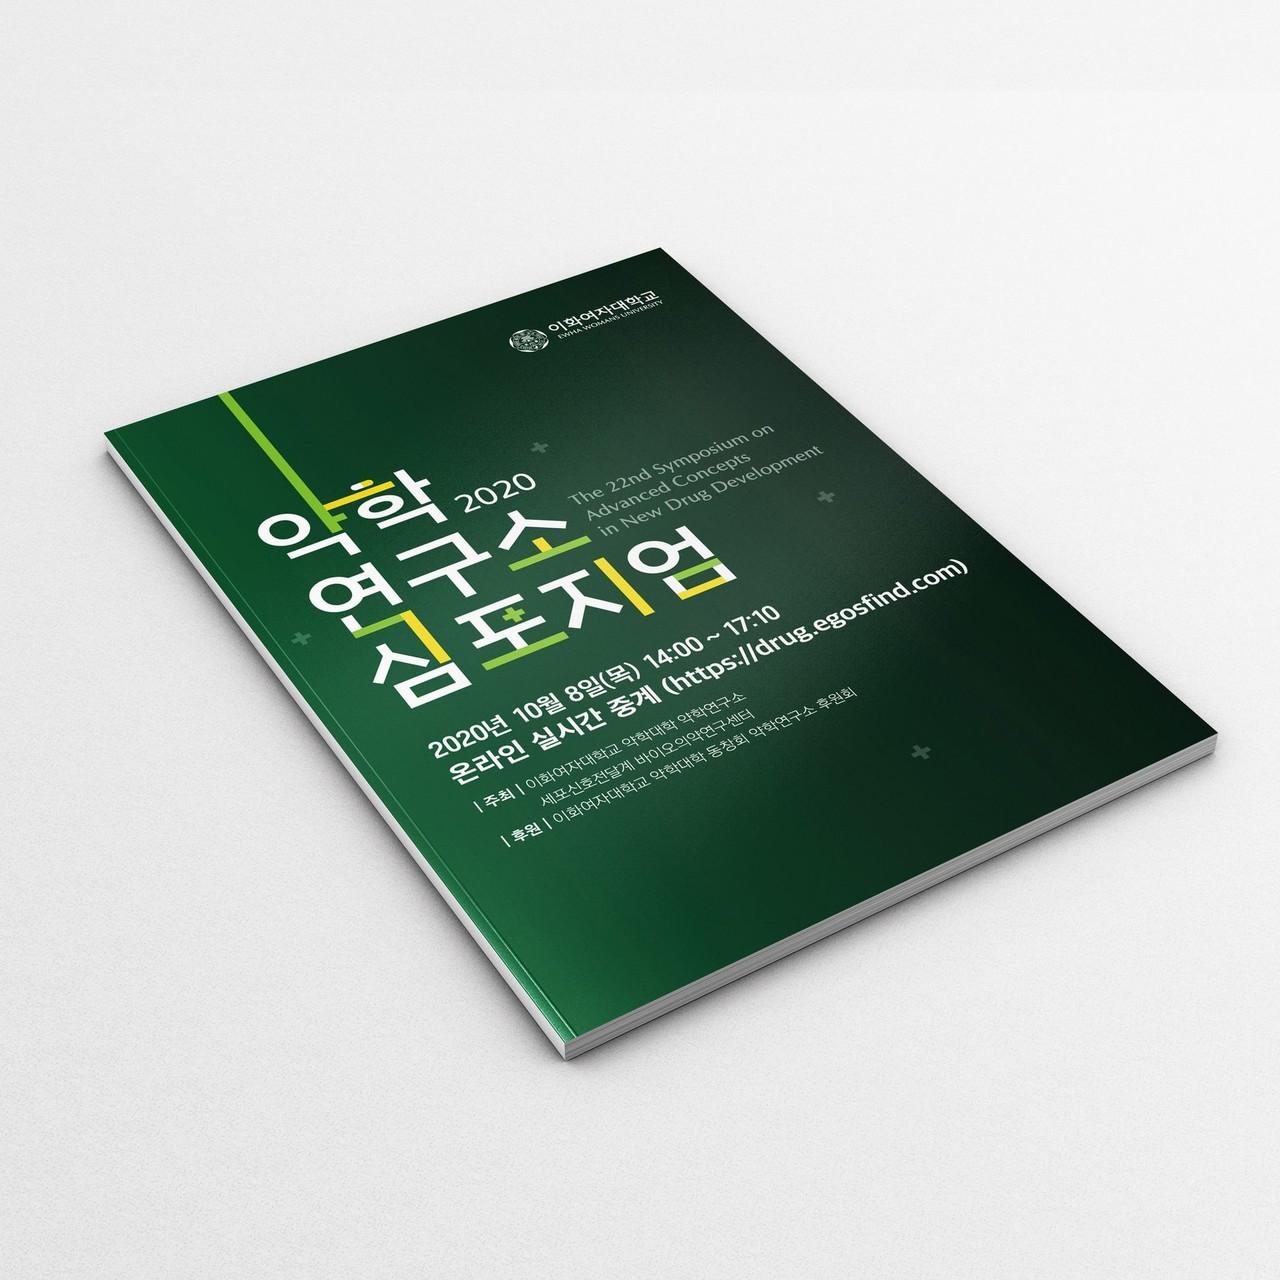 2020 약학연구소 심포지엄  자료집 디자인 시안 - 이화여자대학교 약학대학